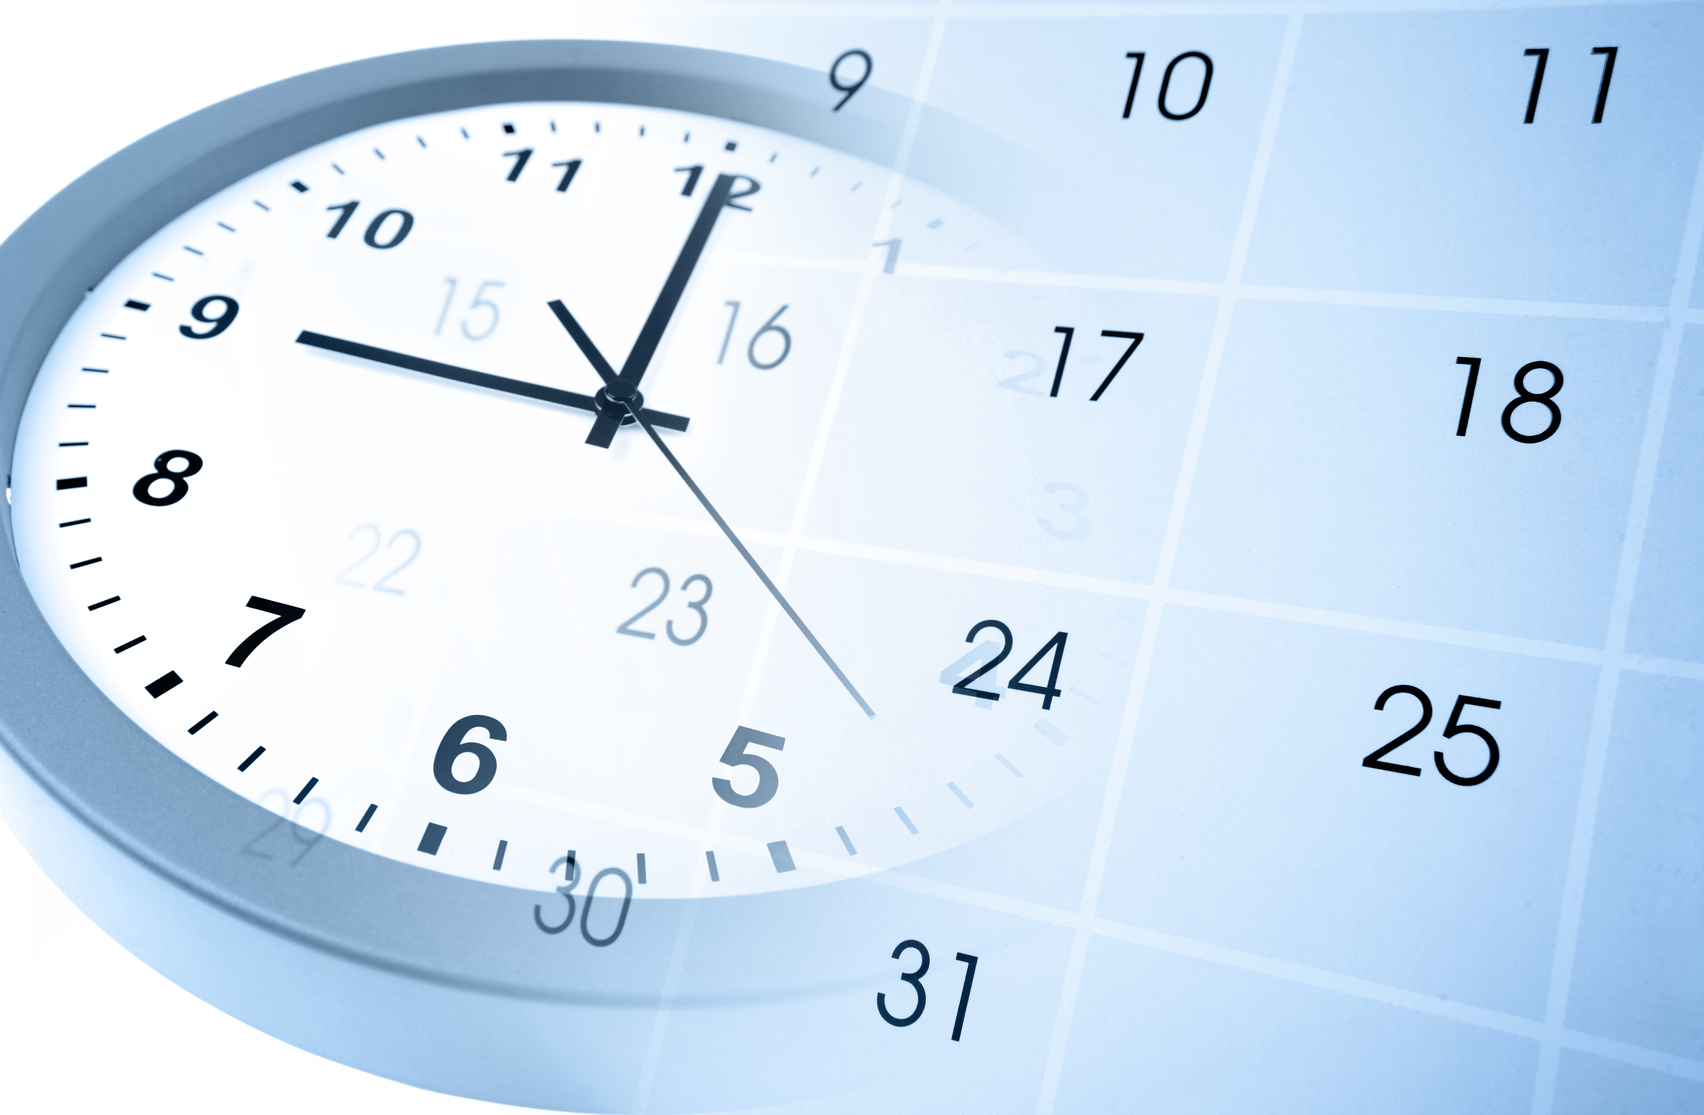 активные обои на рабочий стол с часами и календарем № 141425 бесплатно